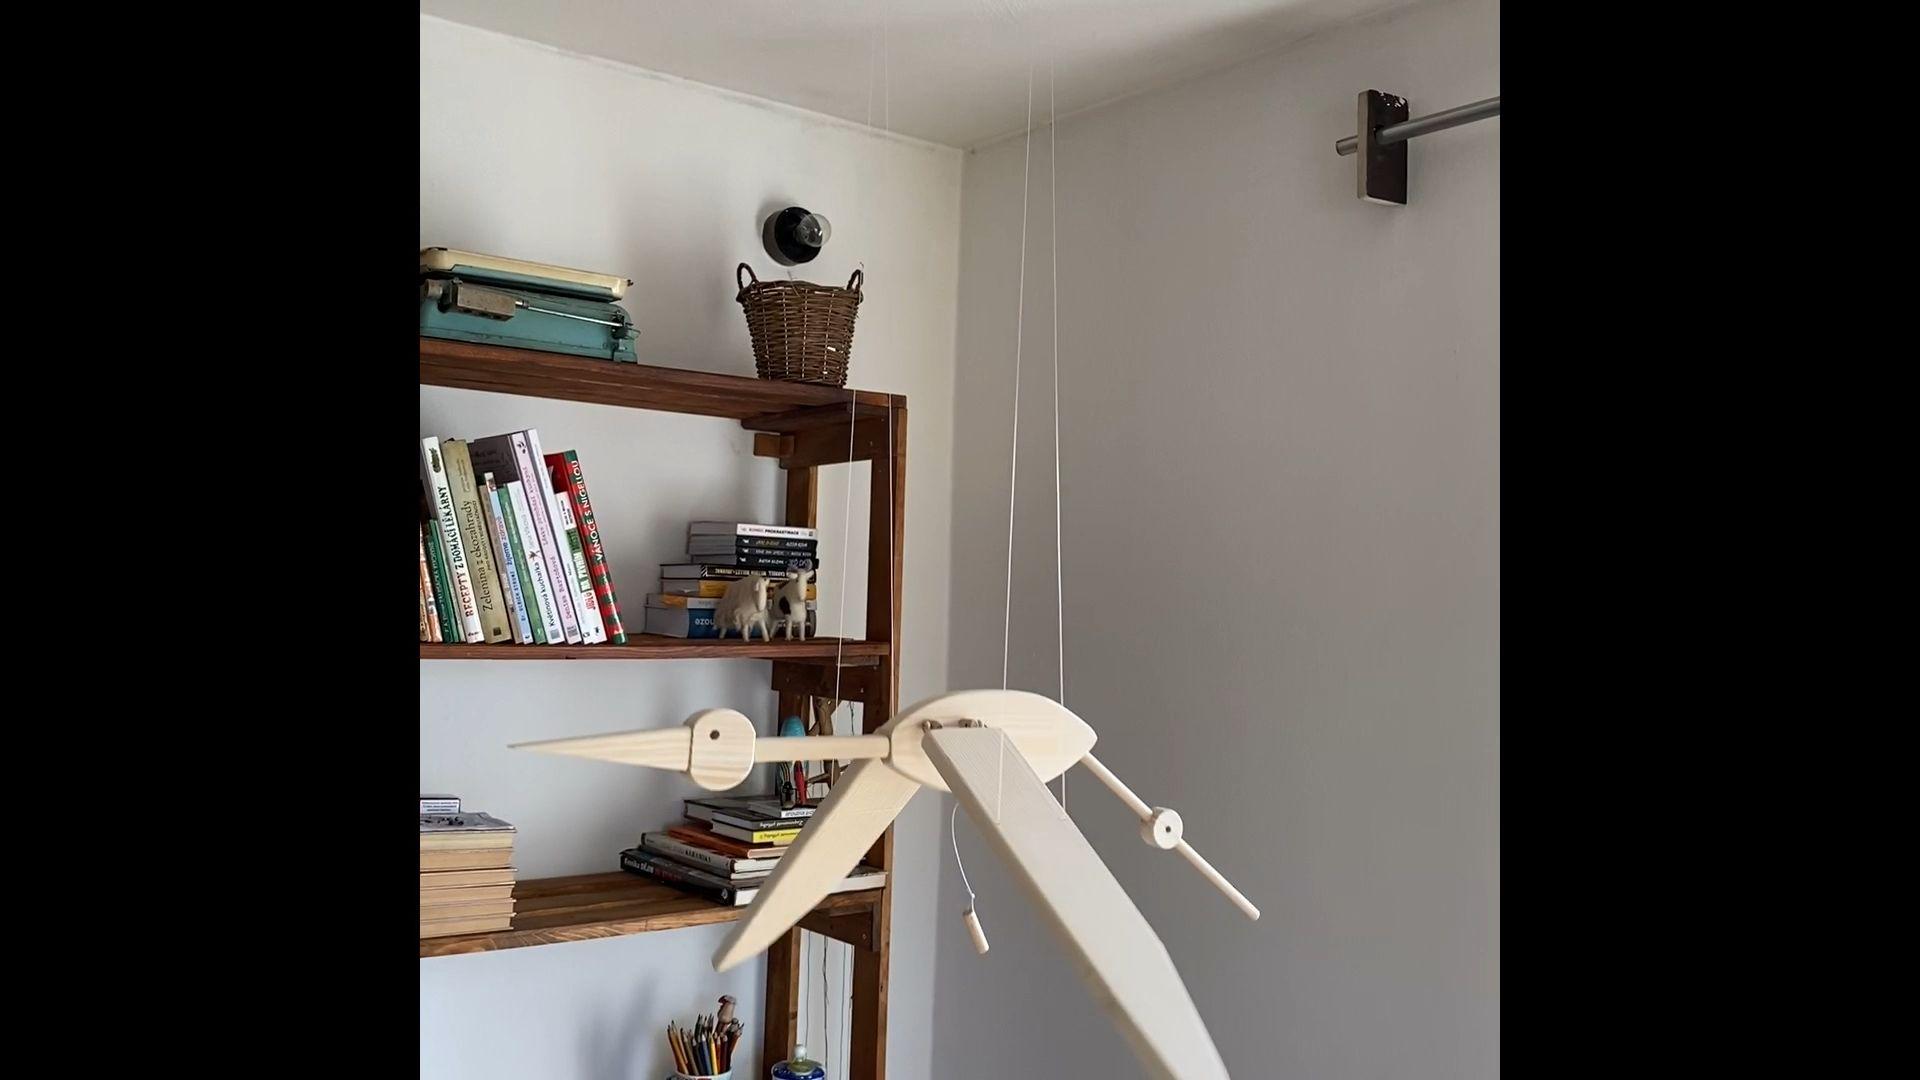 Natural Stork Wooden Mobile -   19 diy Wood kids ideas